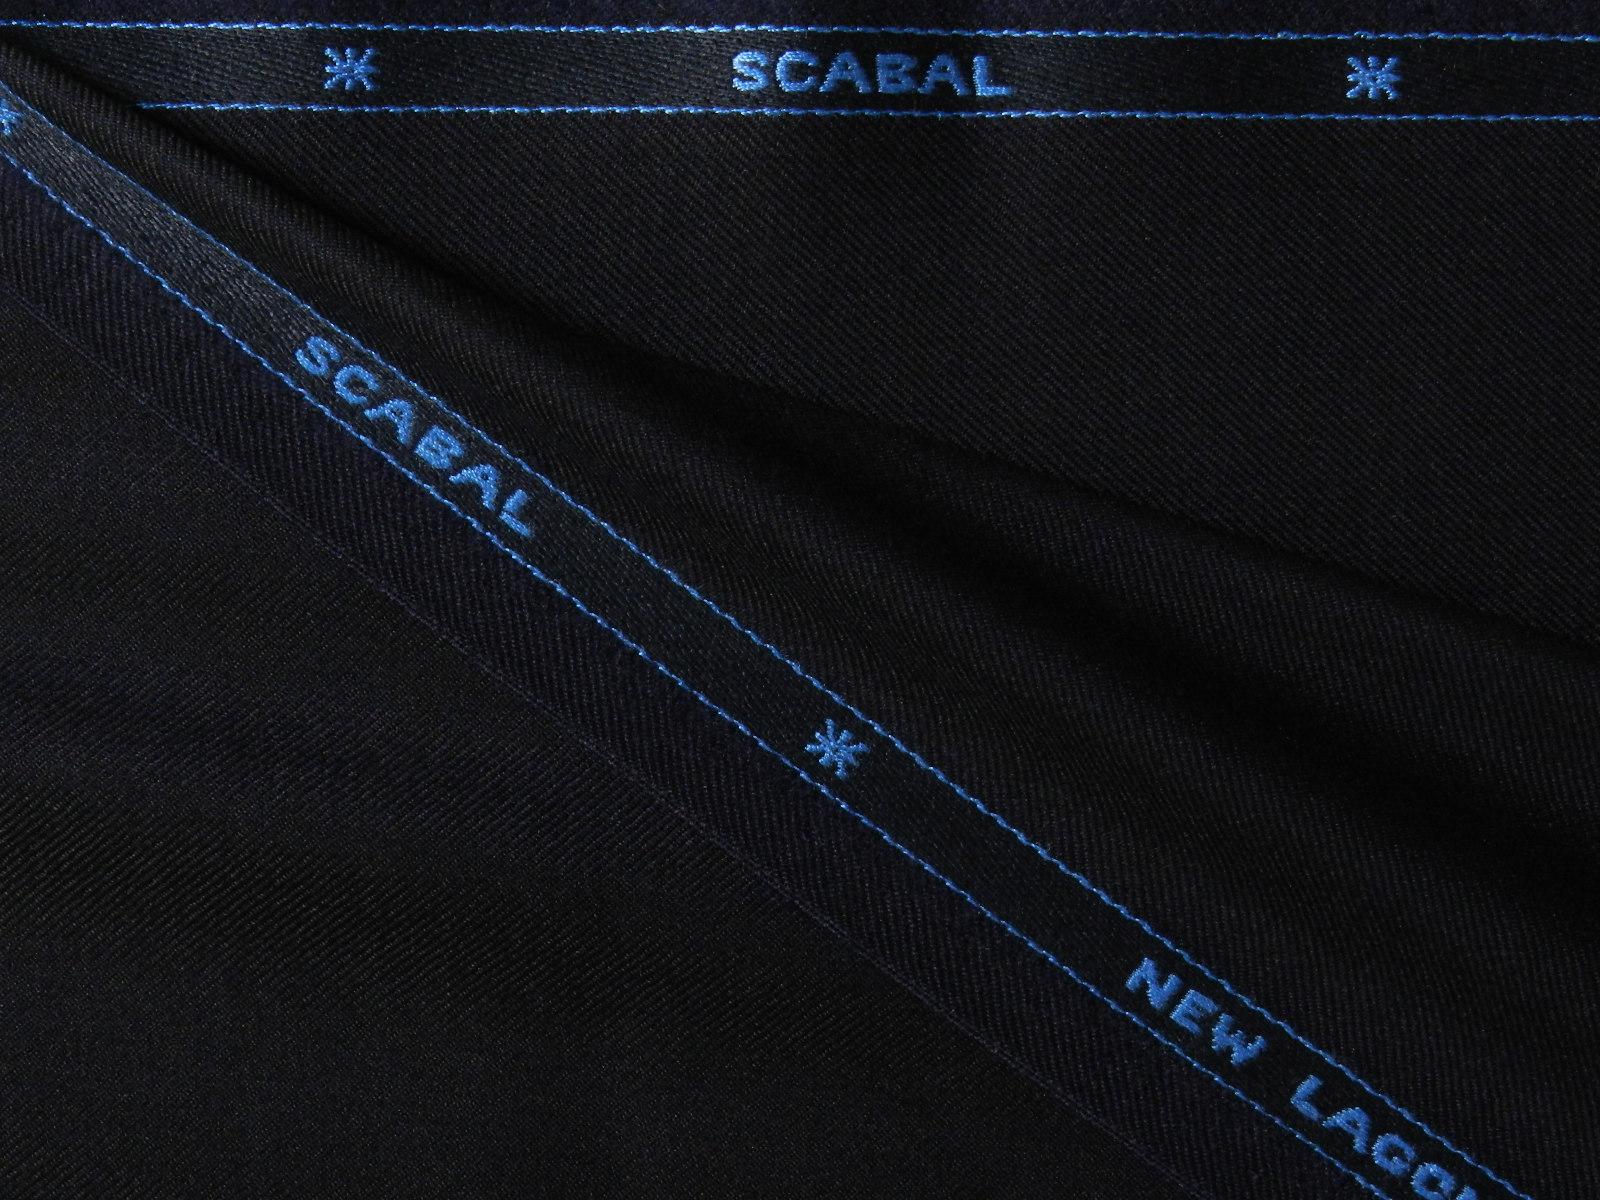 SCABAL(スキャバル) / NEW LAGONDA / ENGLAND / ウール / ネイビー 系 / 織り柄 系 / super 100'S